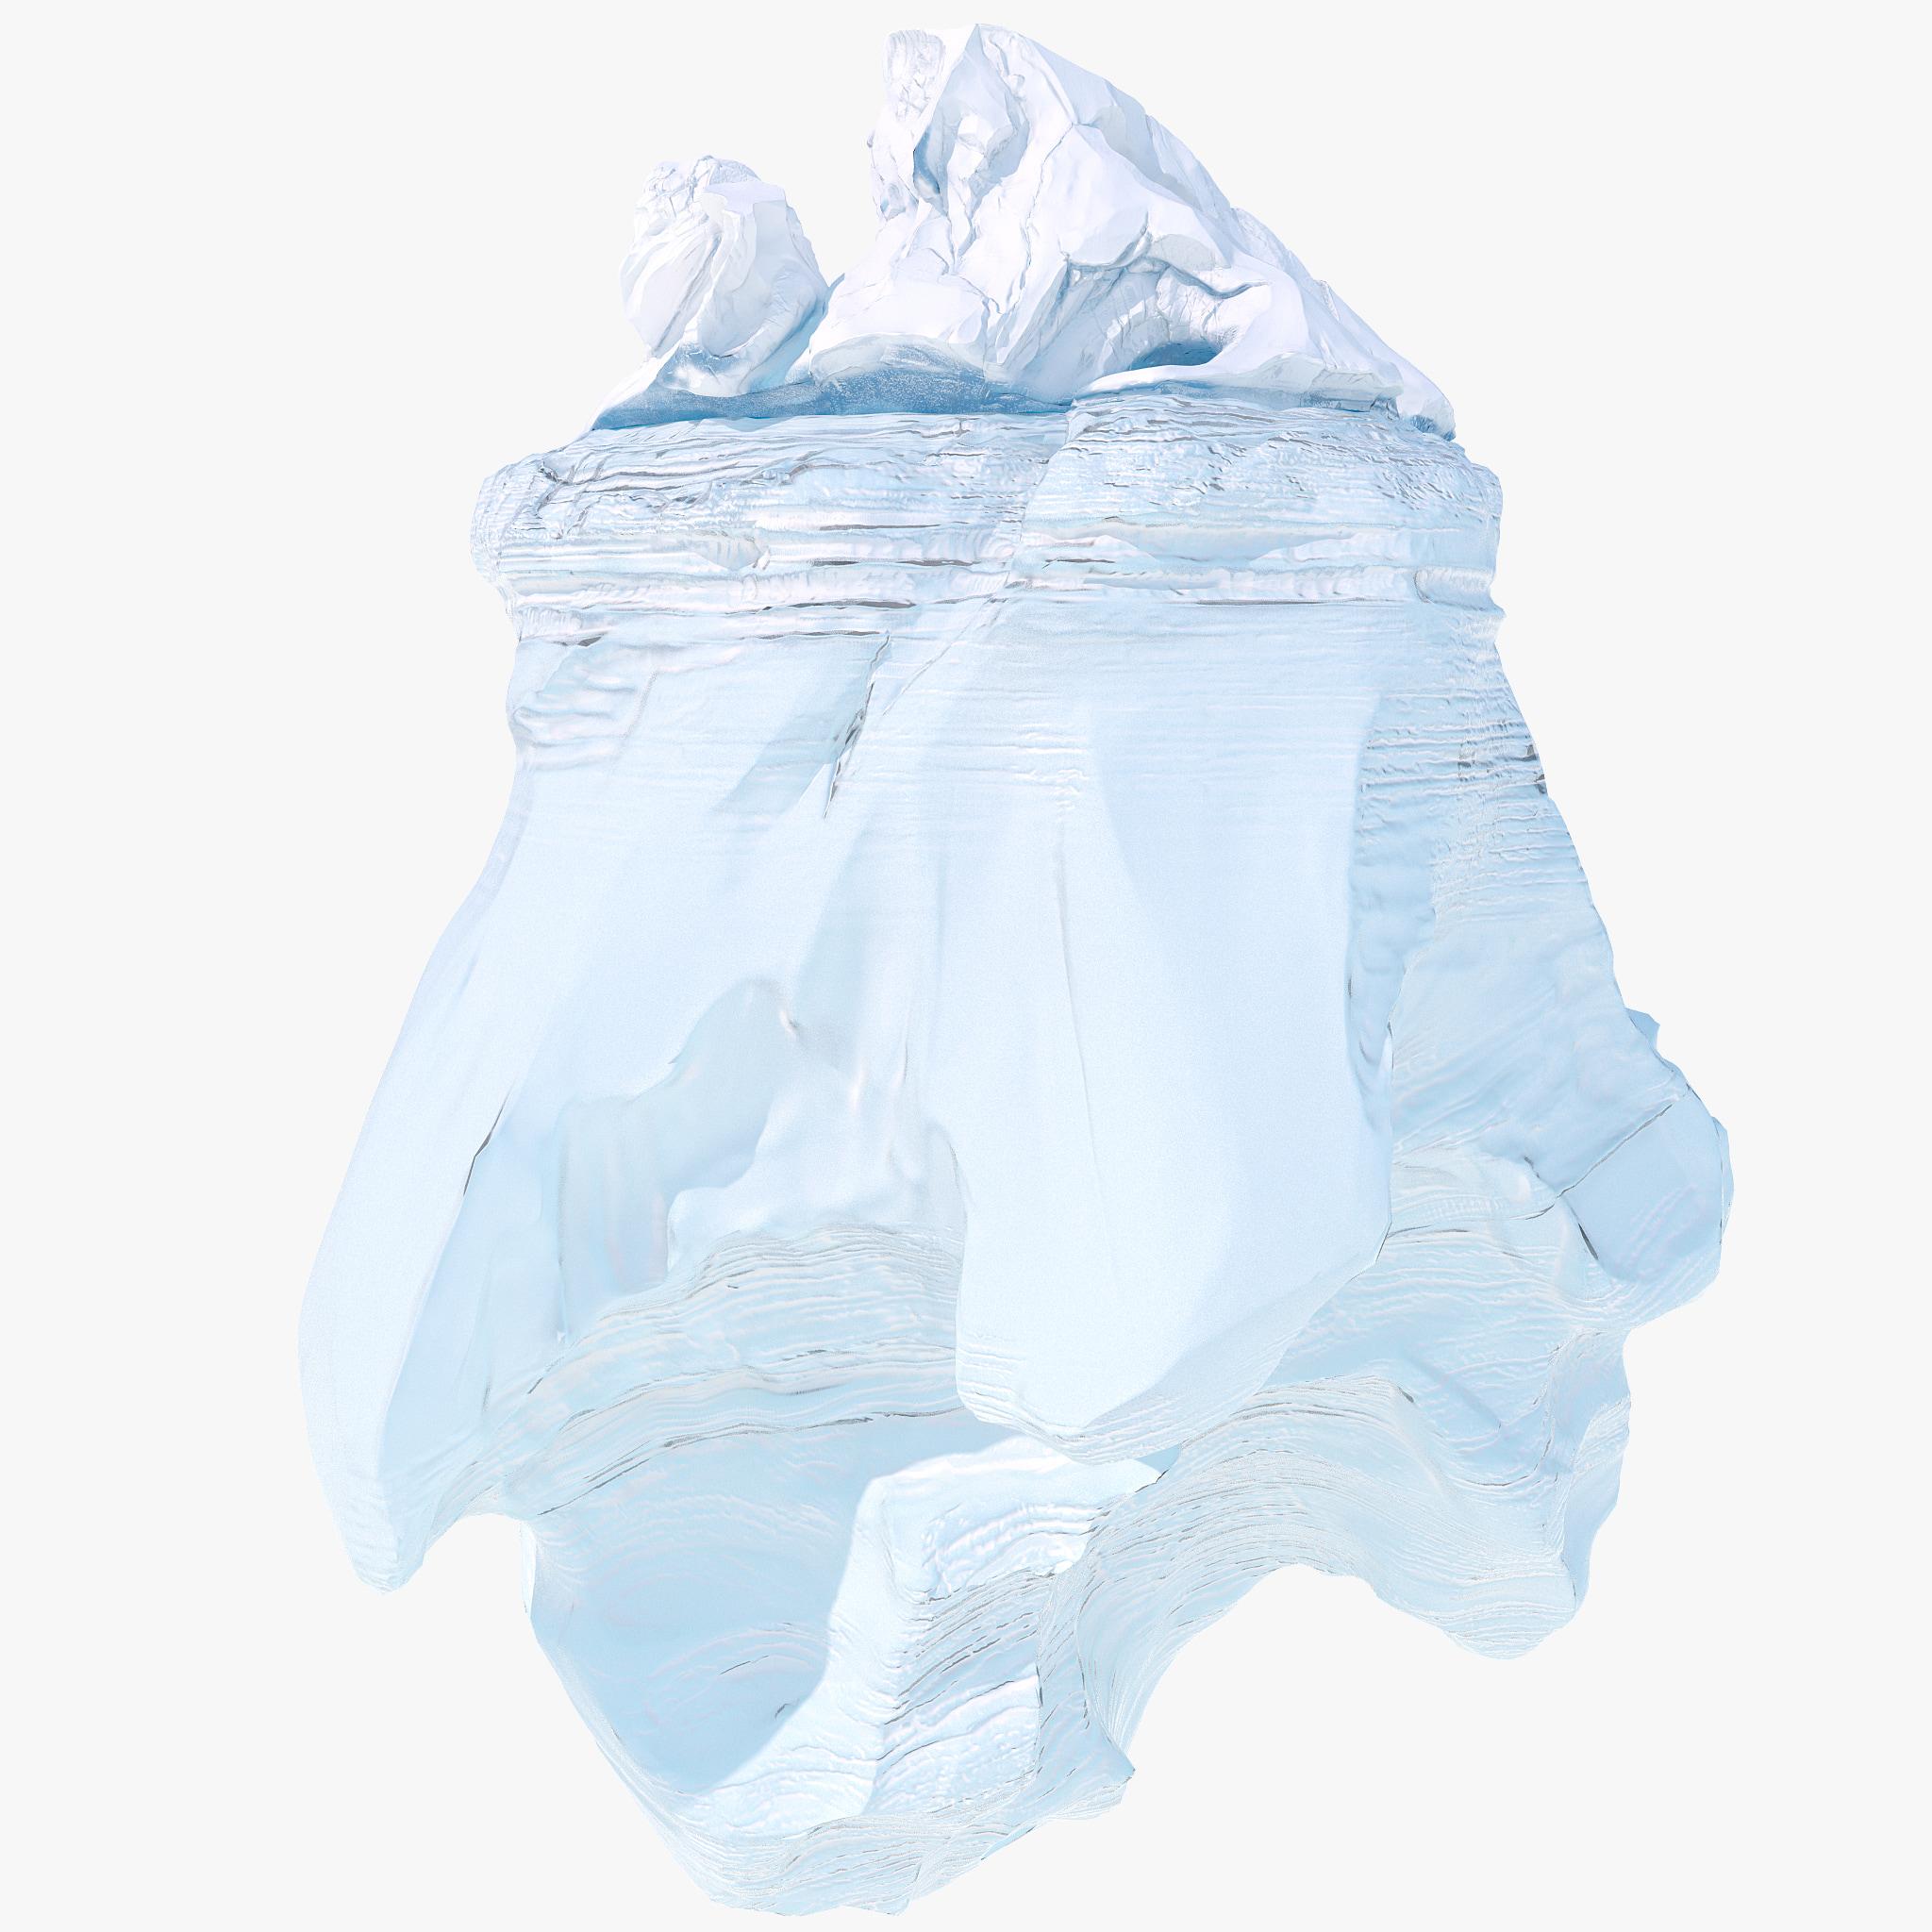 Iceberg 2_1.jpg